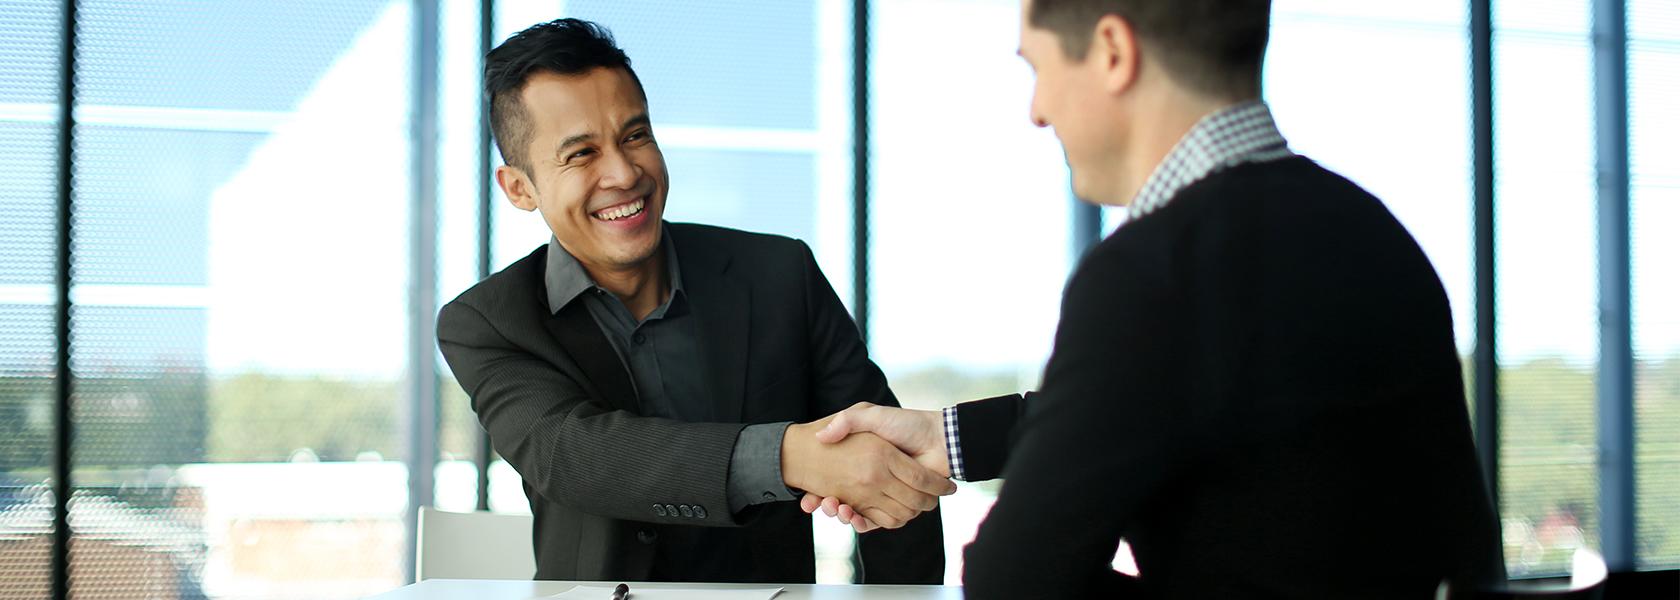 Persuasive Negotiation course